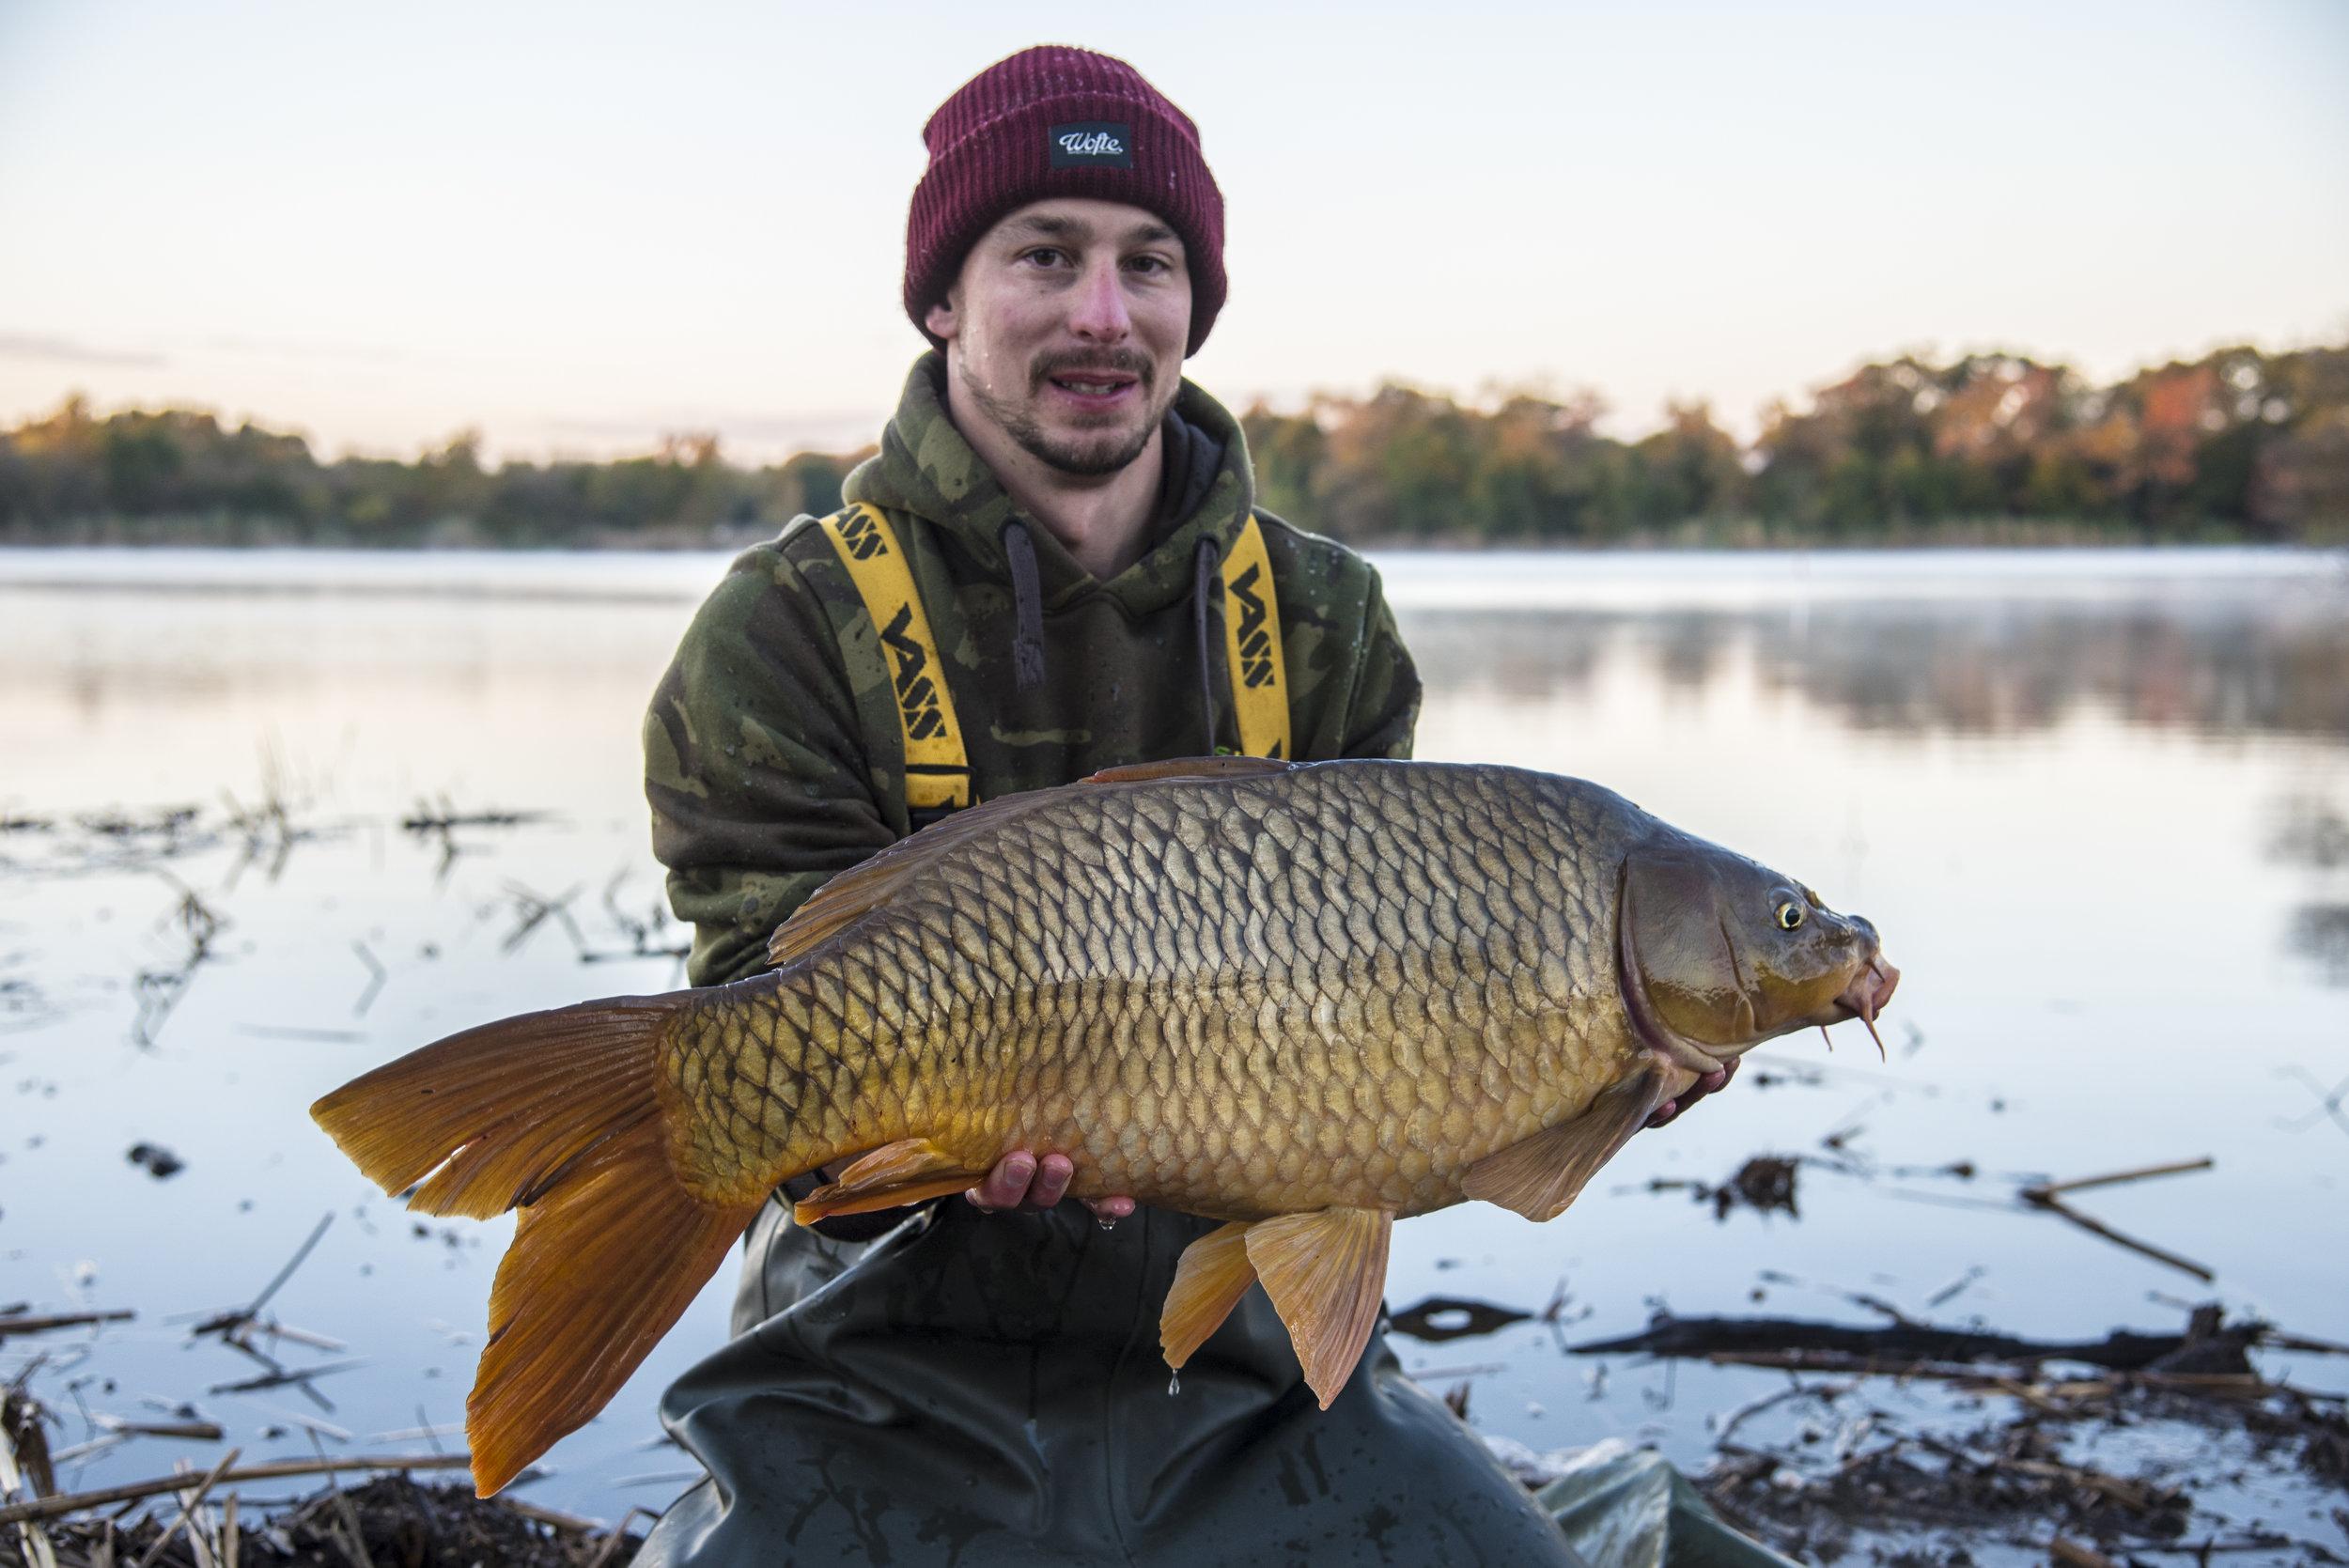 ANDREW FISH FULL ON MONEY SHOT ANGLE.jpg